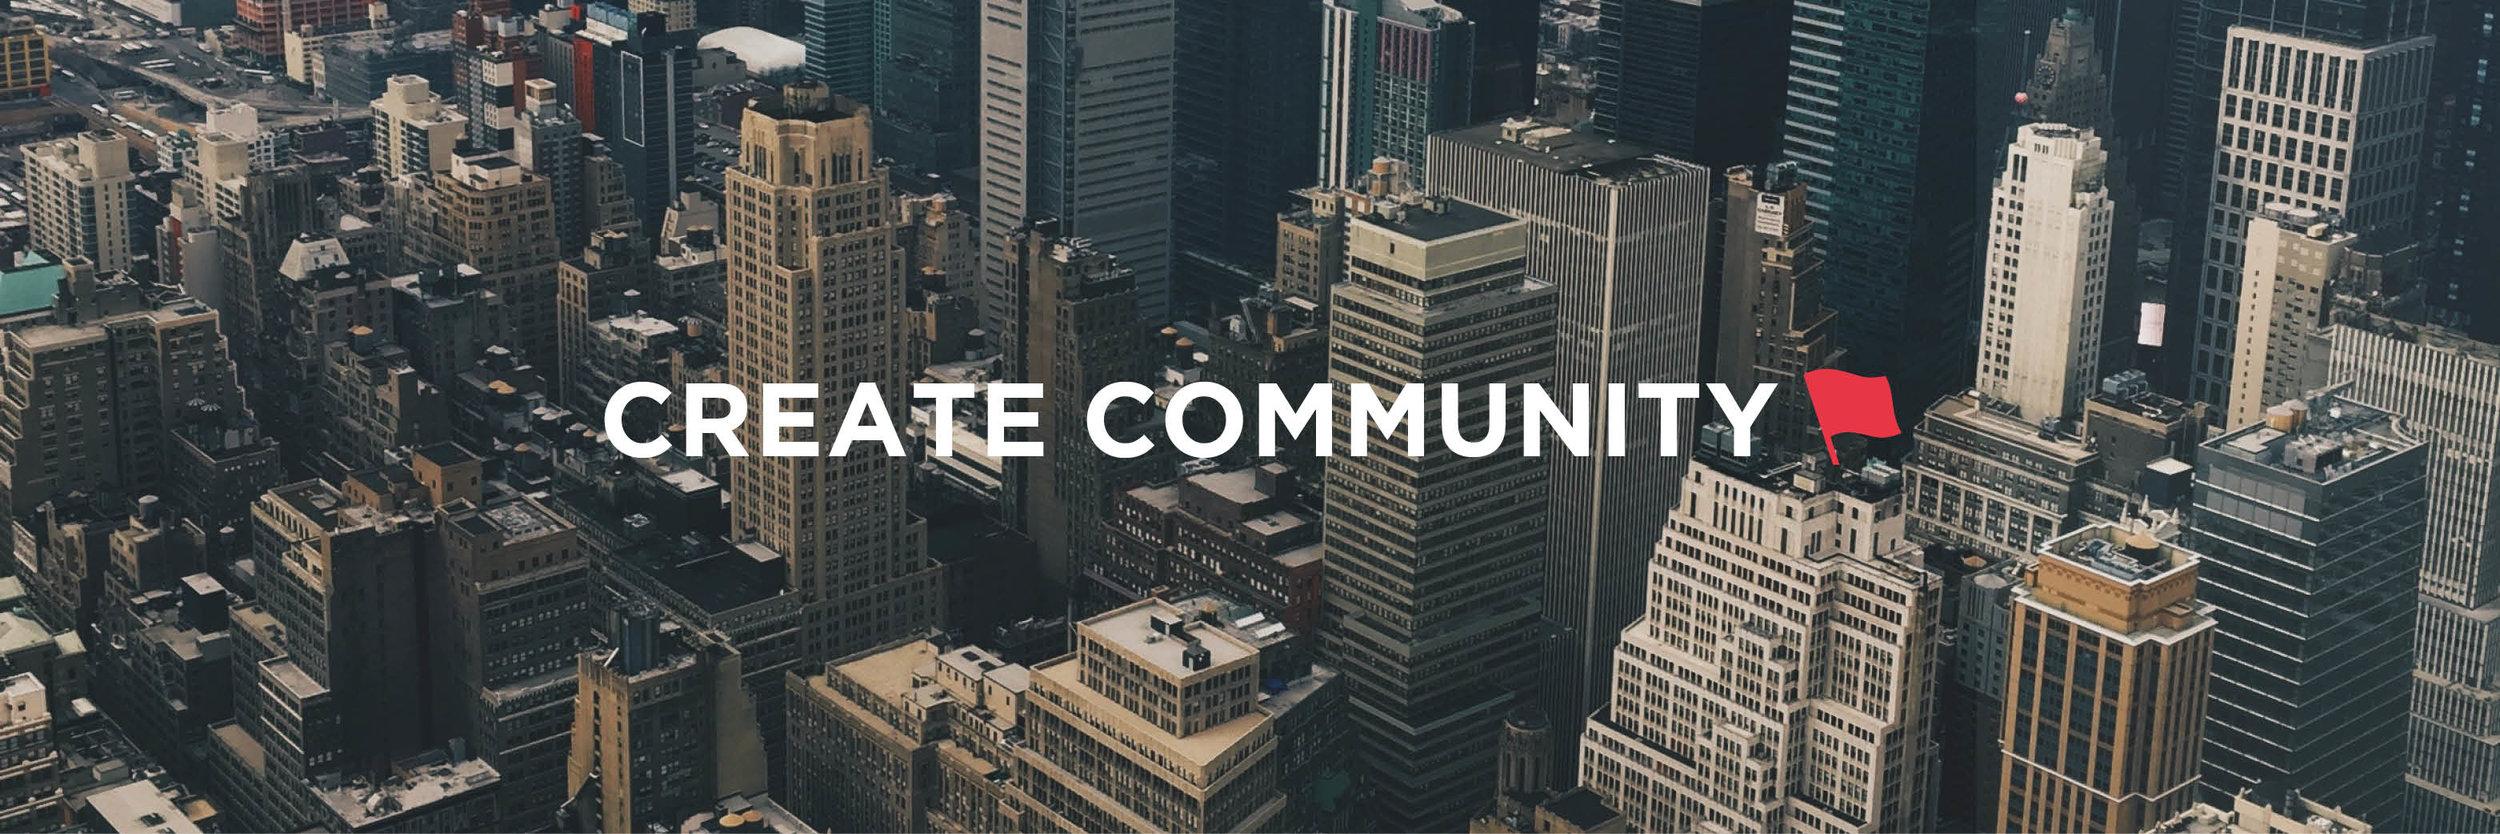 Communities - Headers - Graphics6.jpg